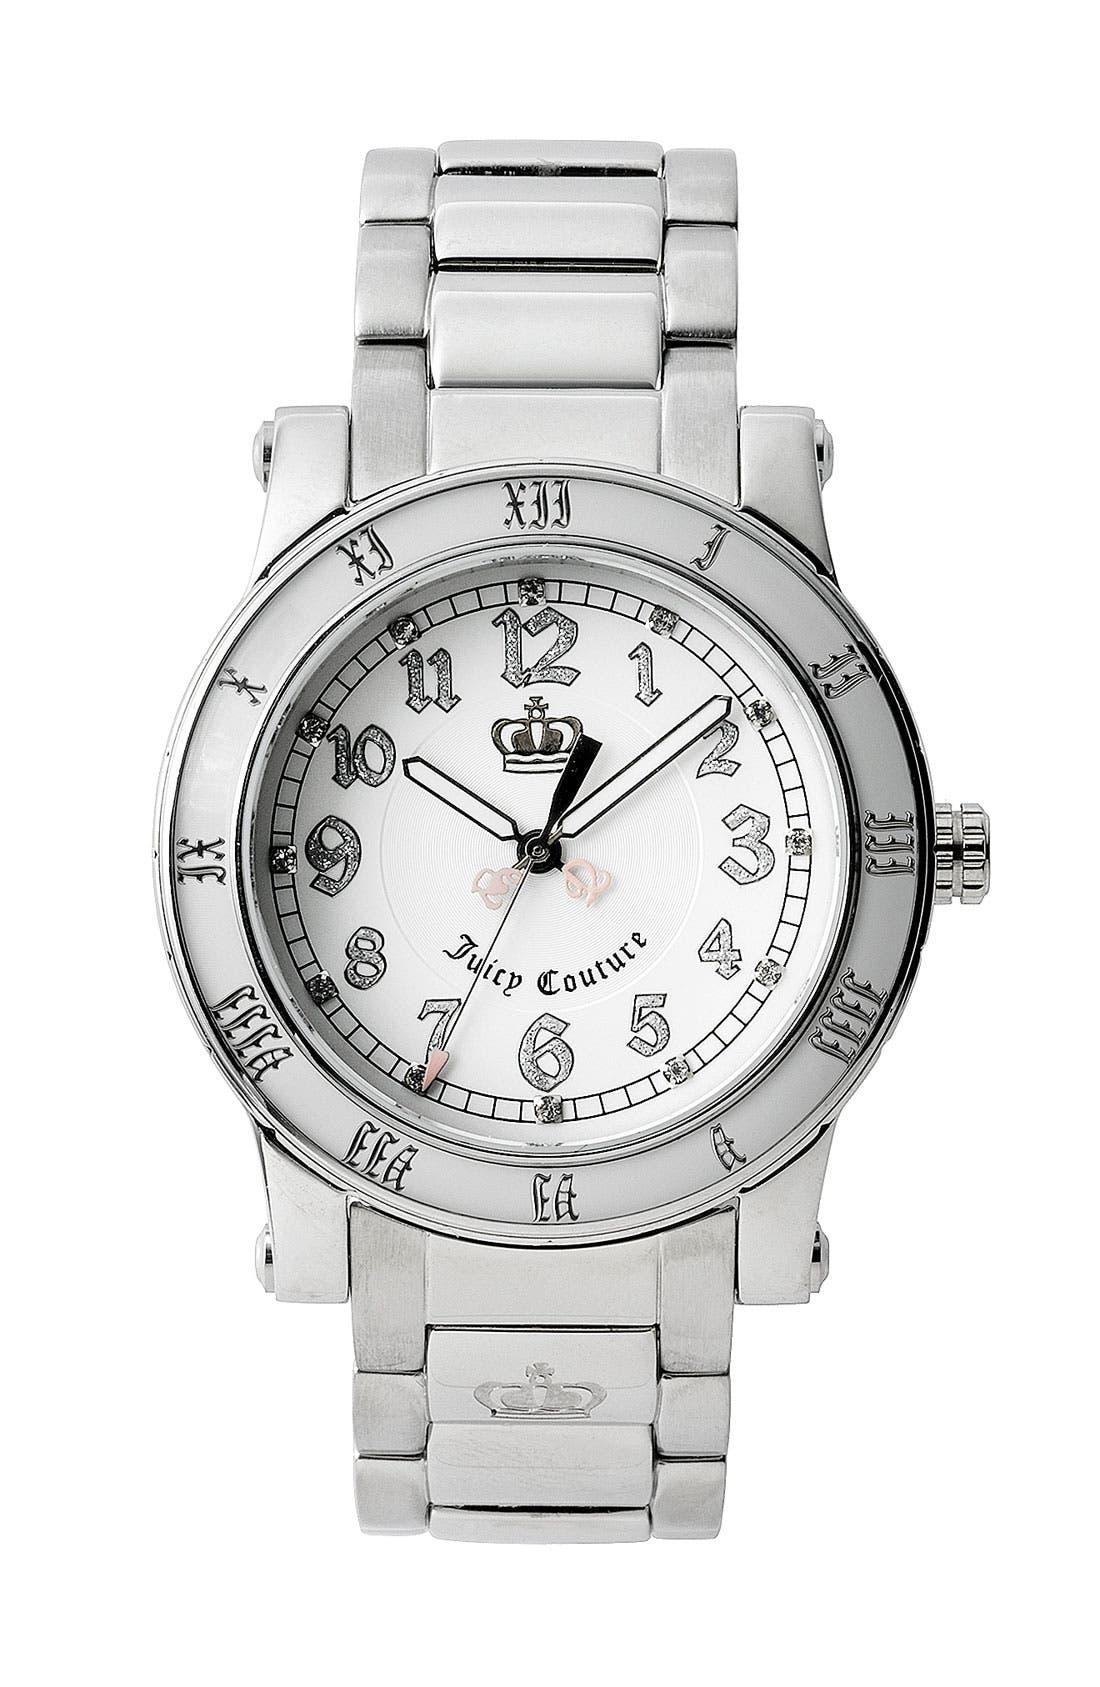 Main Image - Juicy Couture 'HRH' Bracelet Watch